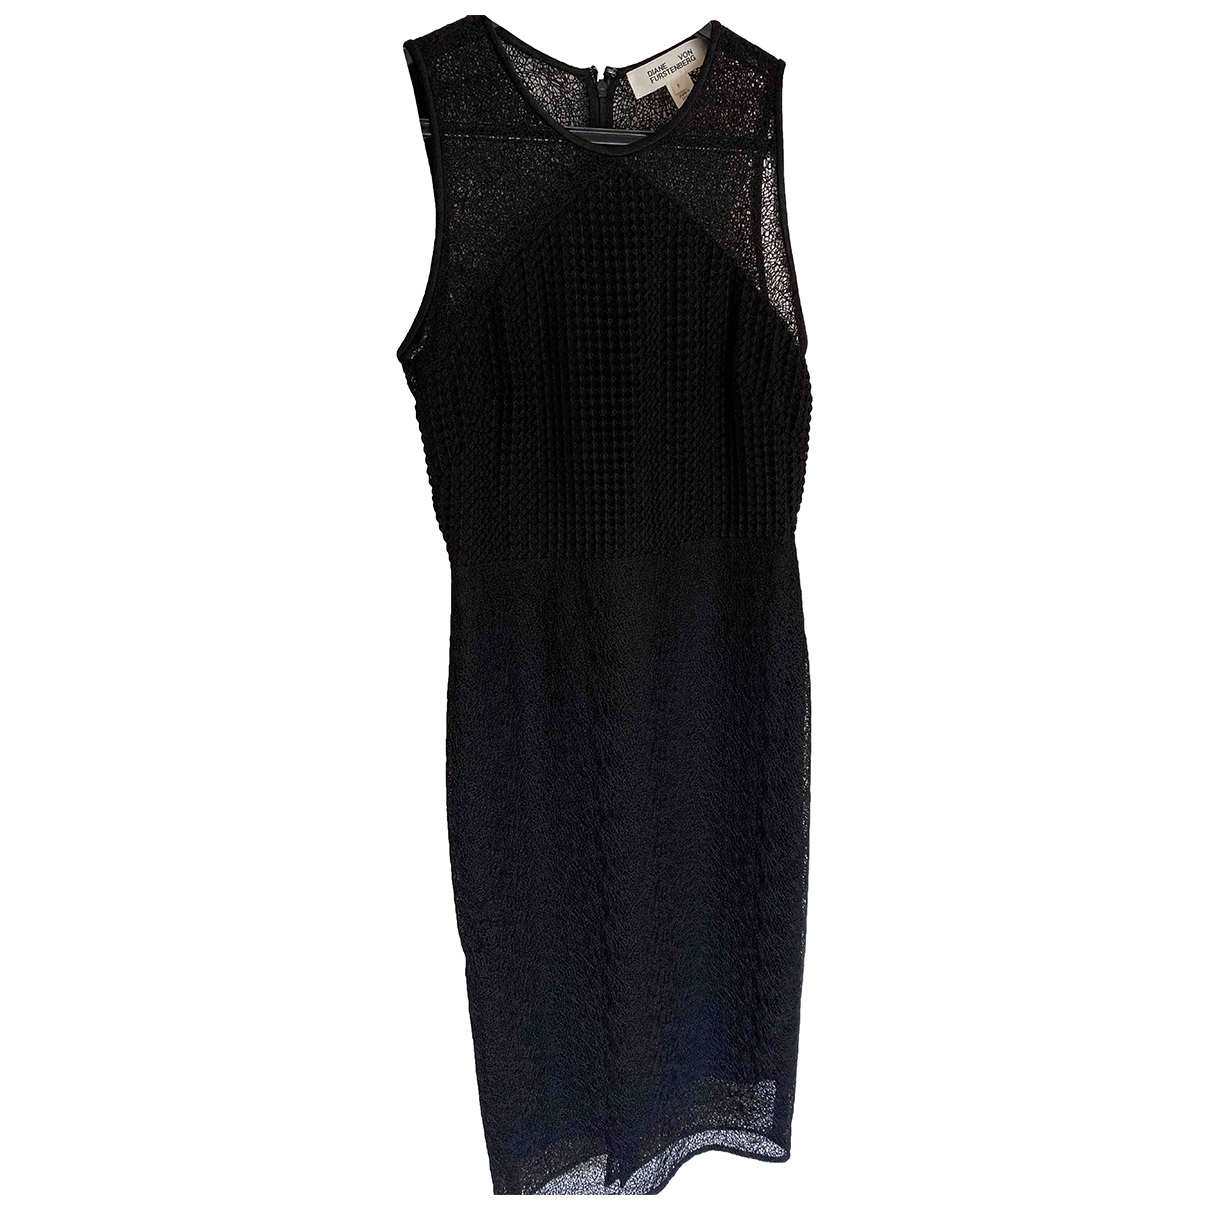 Diane Von Furstenberg \N Black dress for Women 6 US